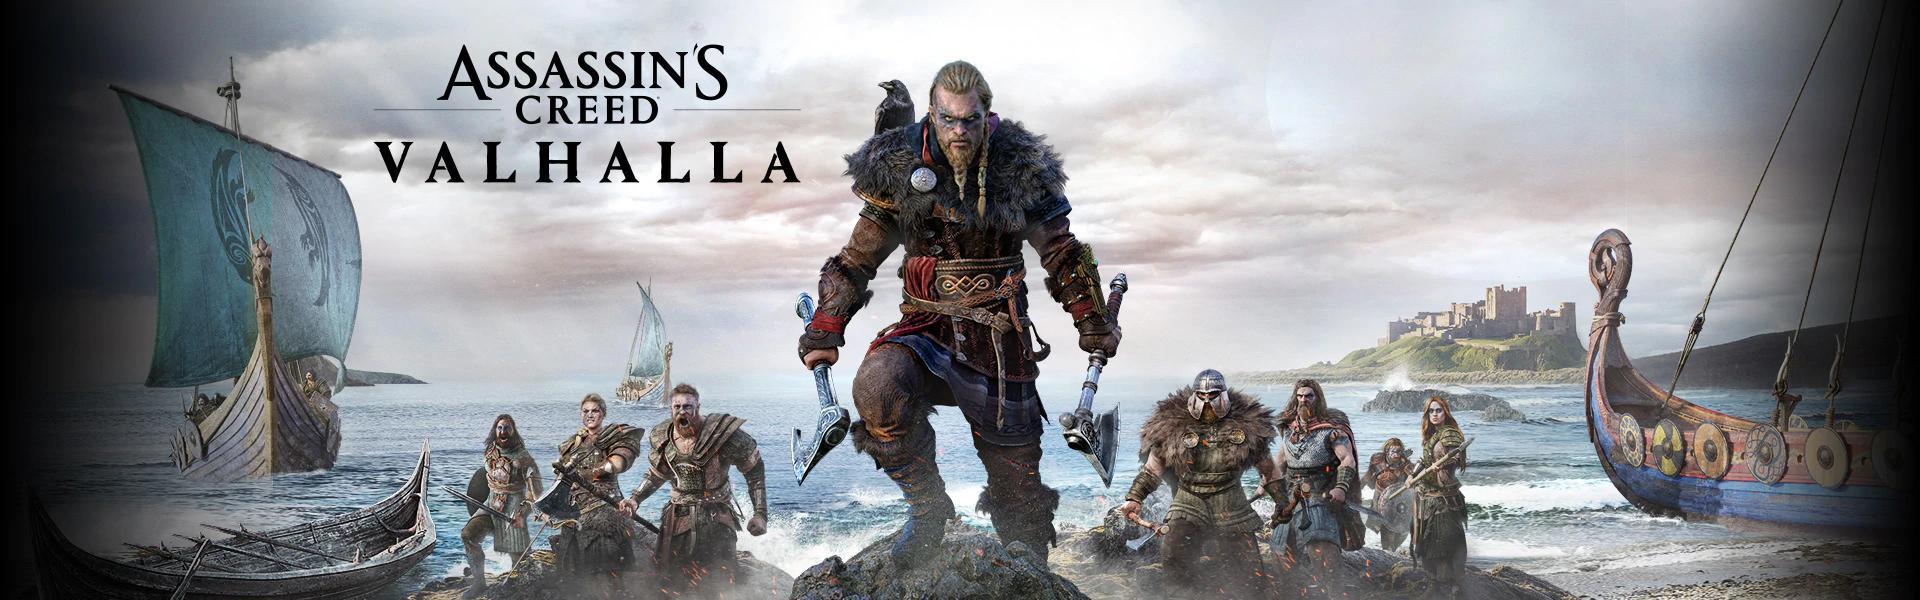 AMD: Assassin's Creed Valhalla gratis en la compra de un procesador Ryzen